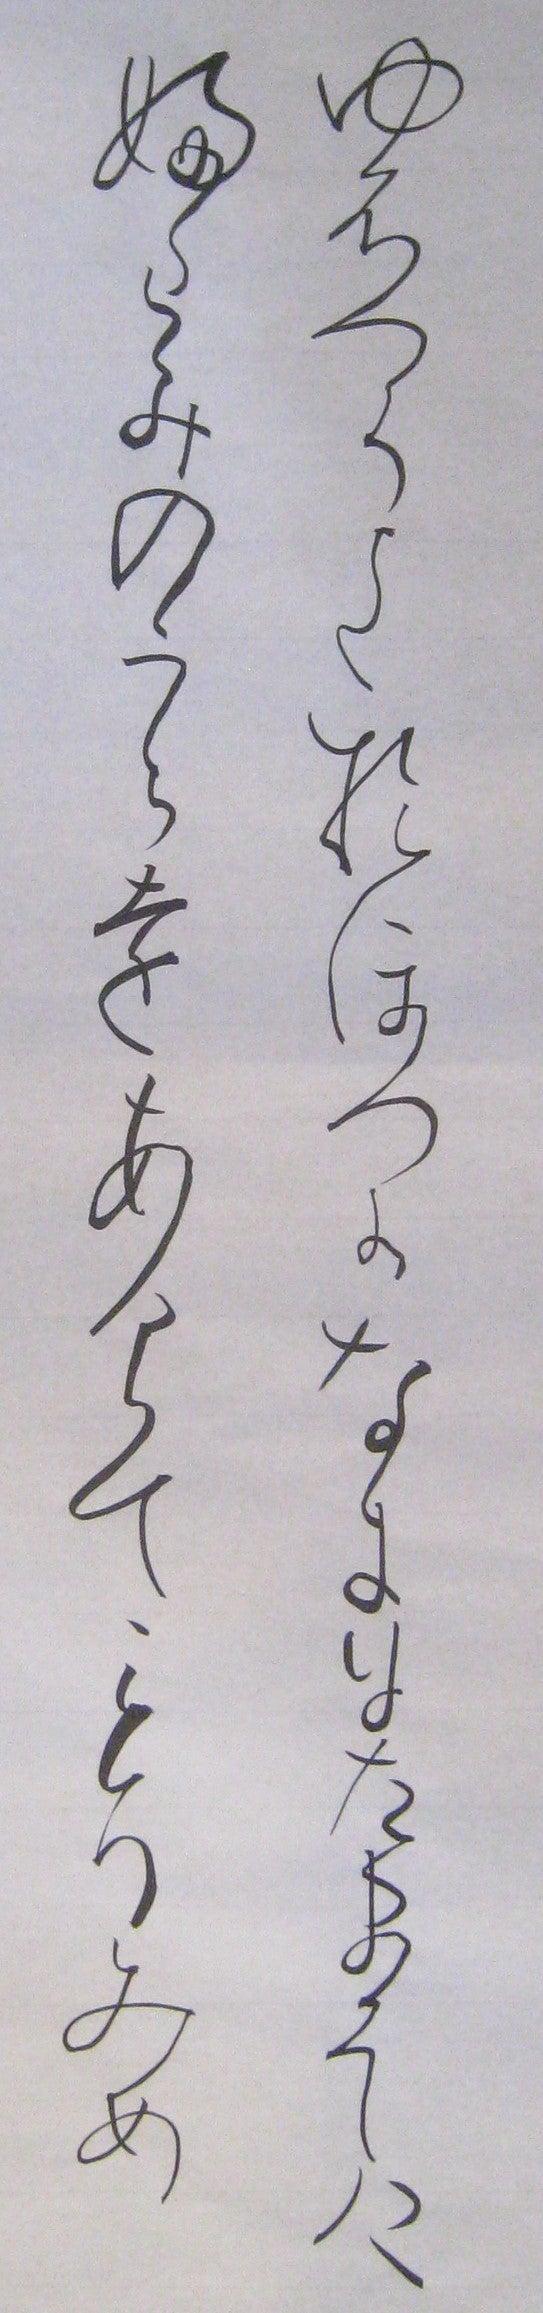 2019.11/10 高野切第一種 藤原兼輔 夕つく夜おぼつかなきを玉くしげ ...